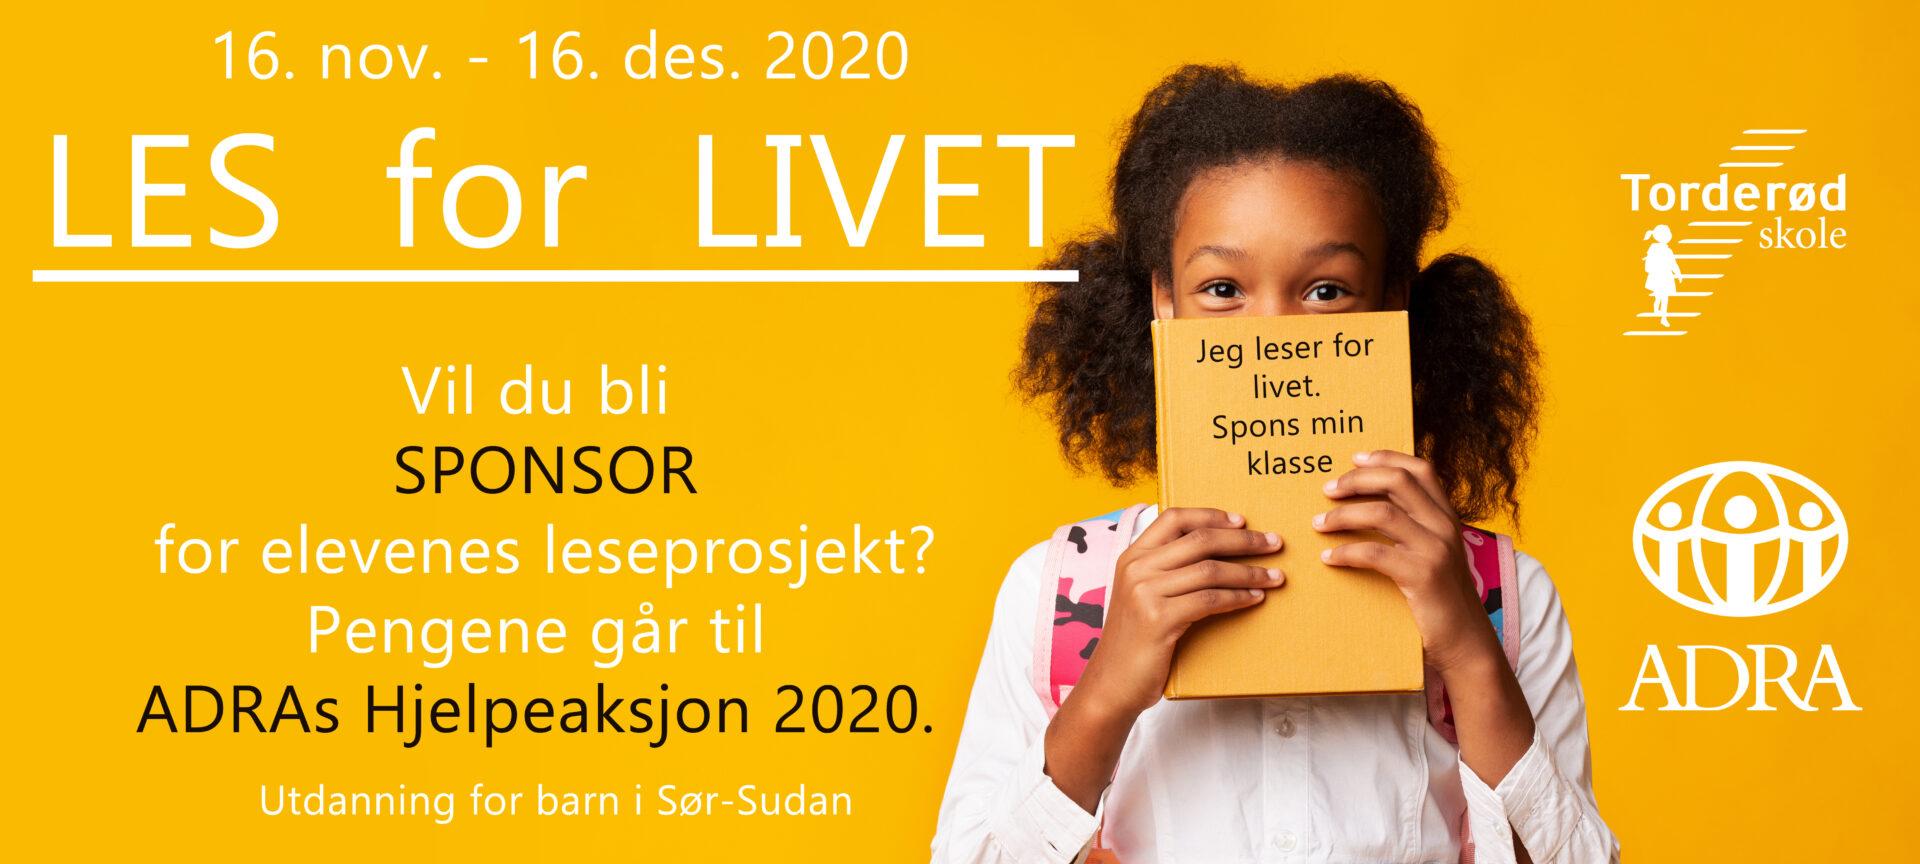 Les for livet - ADRA-Norge Hjelpeaksjon 2020